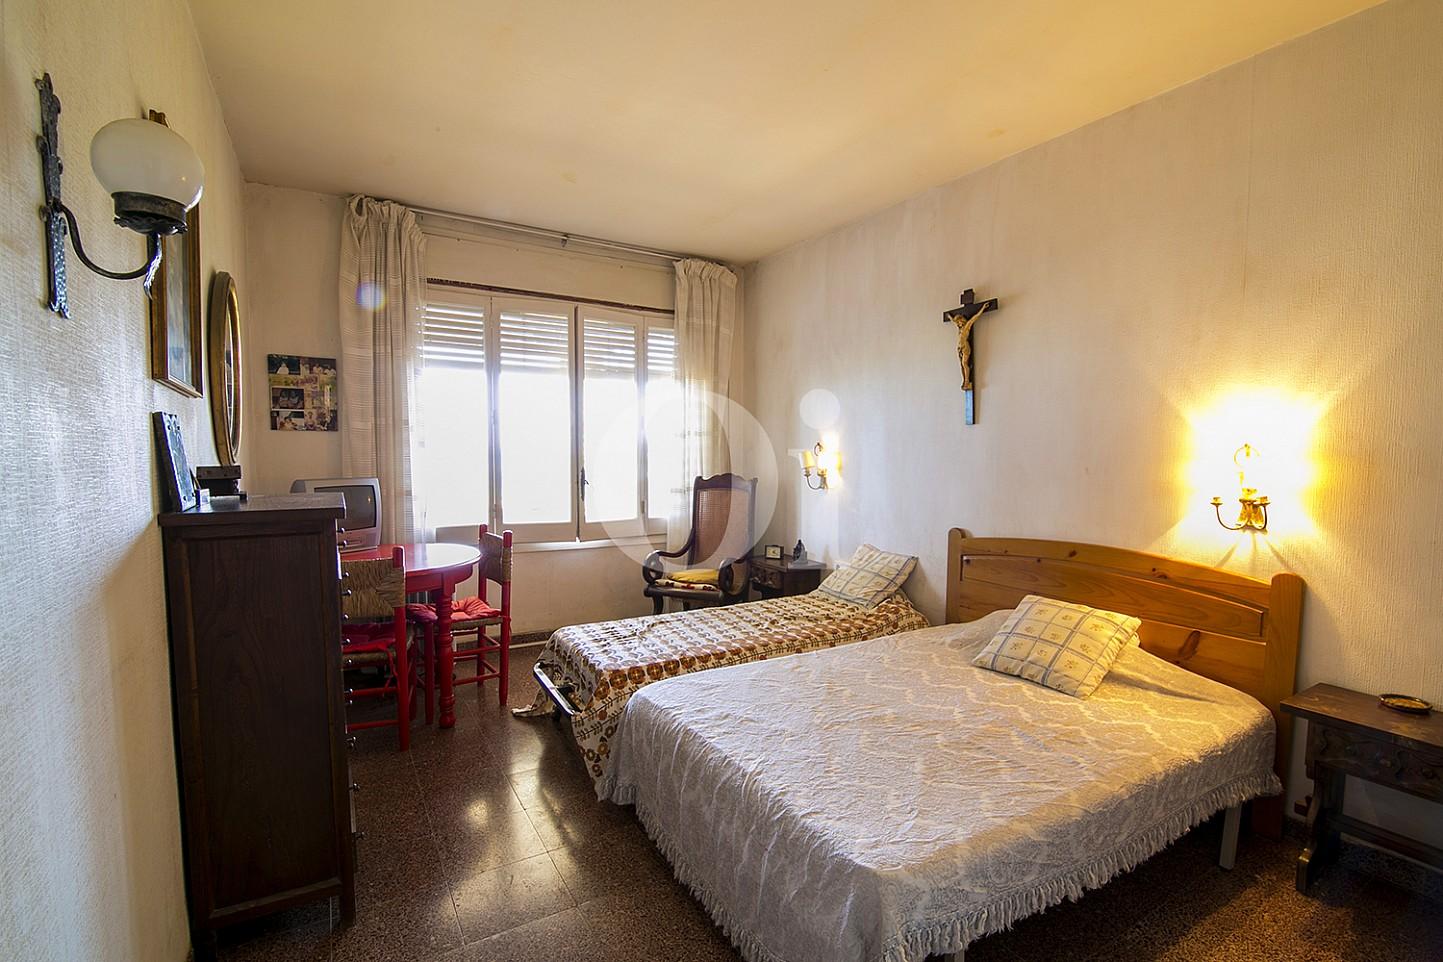 vistes de lluminosa habitació doble amb llit de matrimoni i vistes exteriors en pis en venda situat a Caldetes